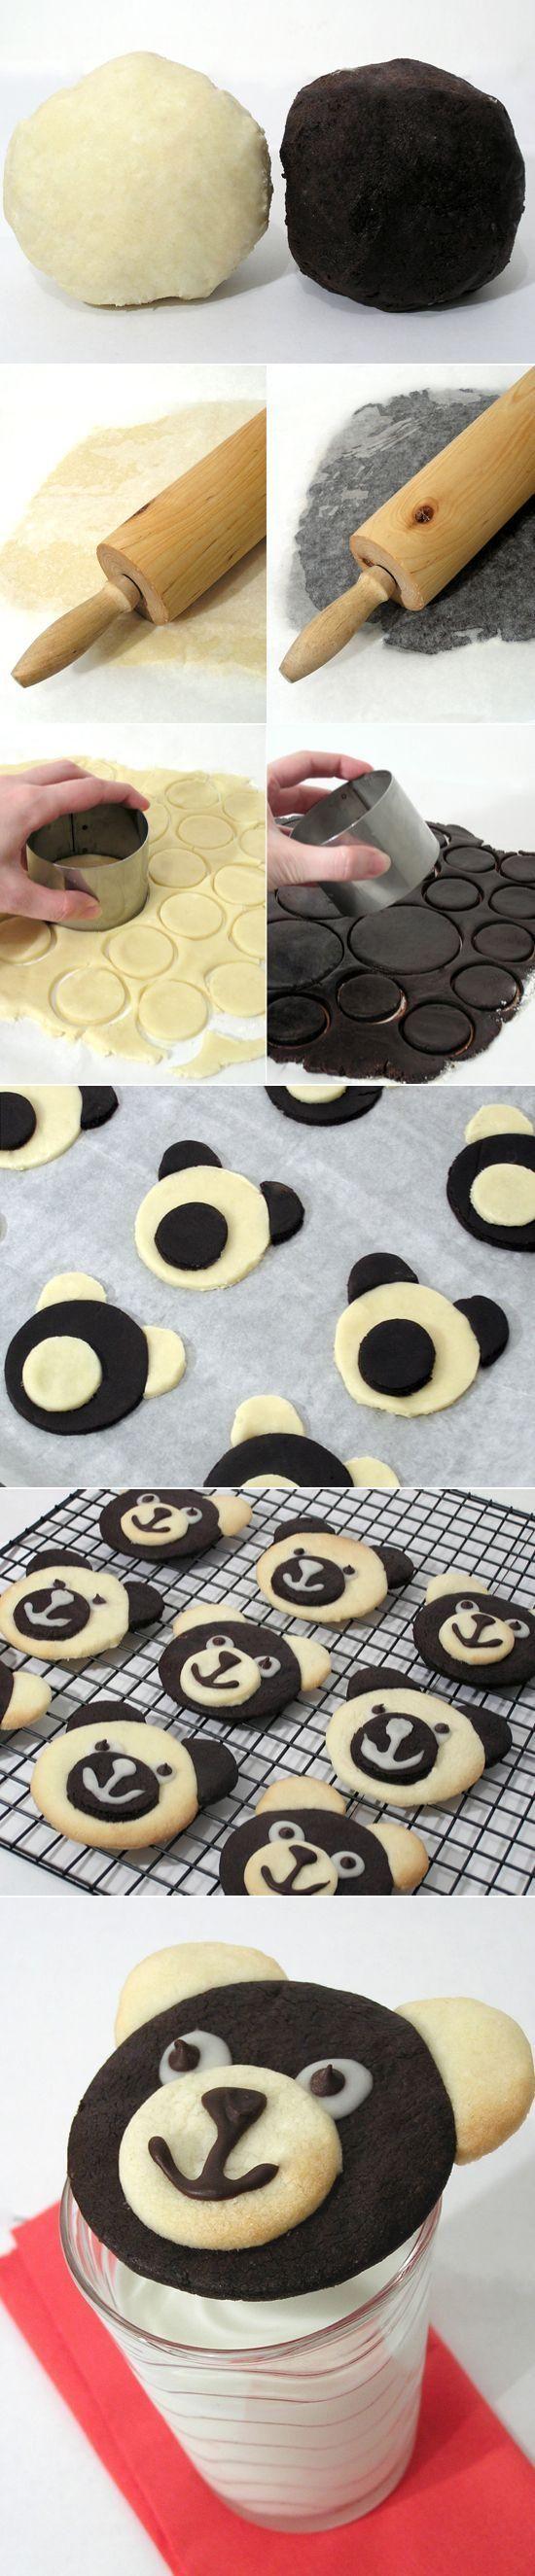 Teddy Bear Cookies - Joybx